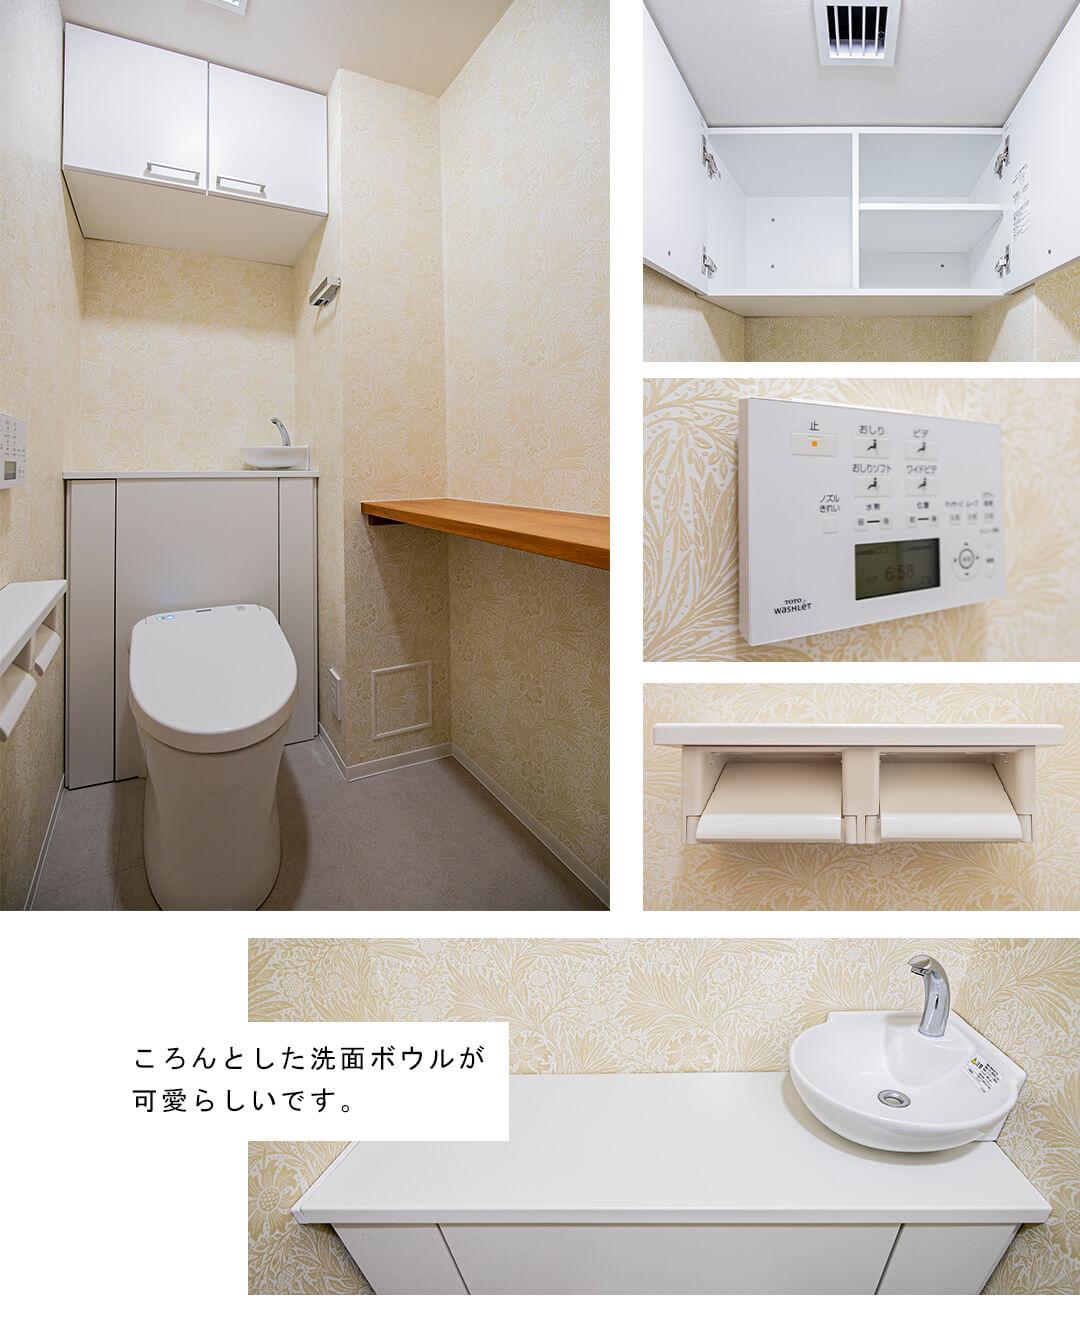 ハウス吉祥寺B館のトイレ